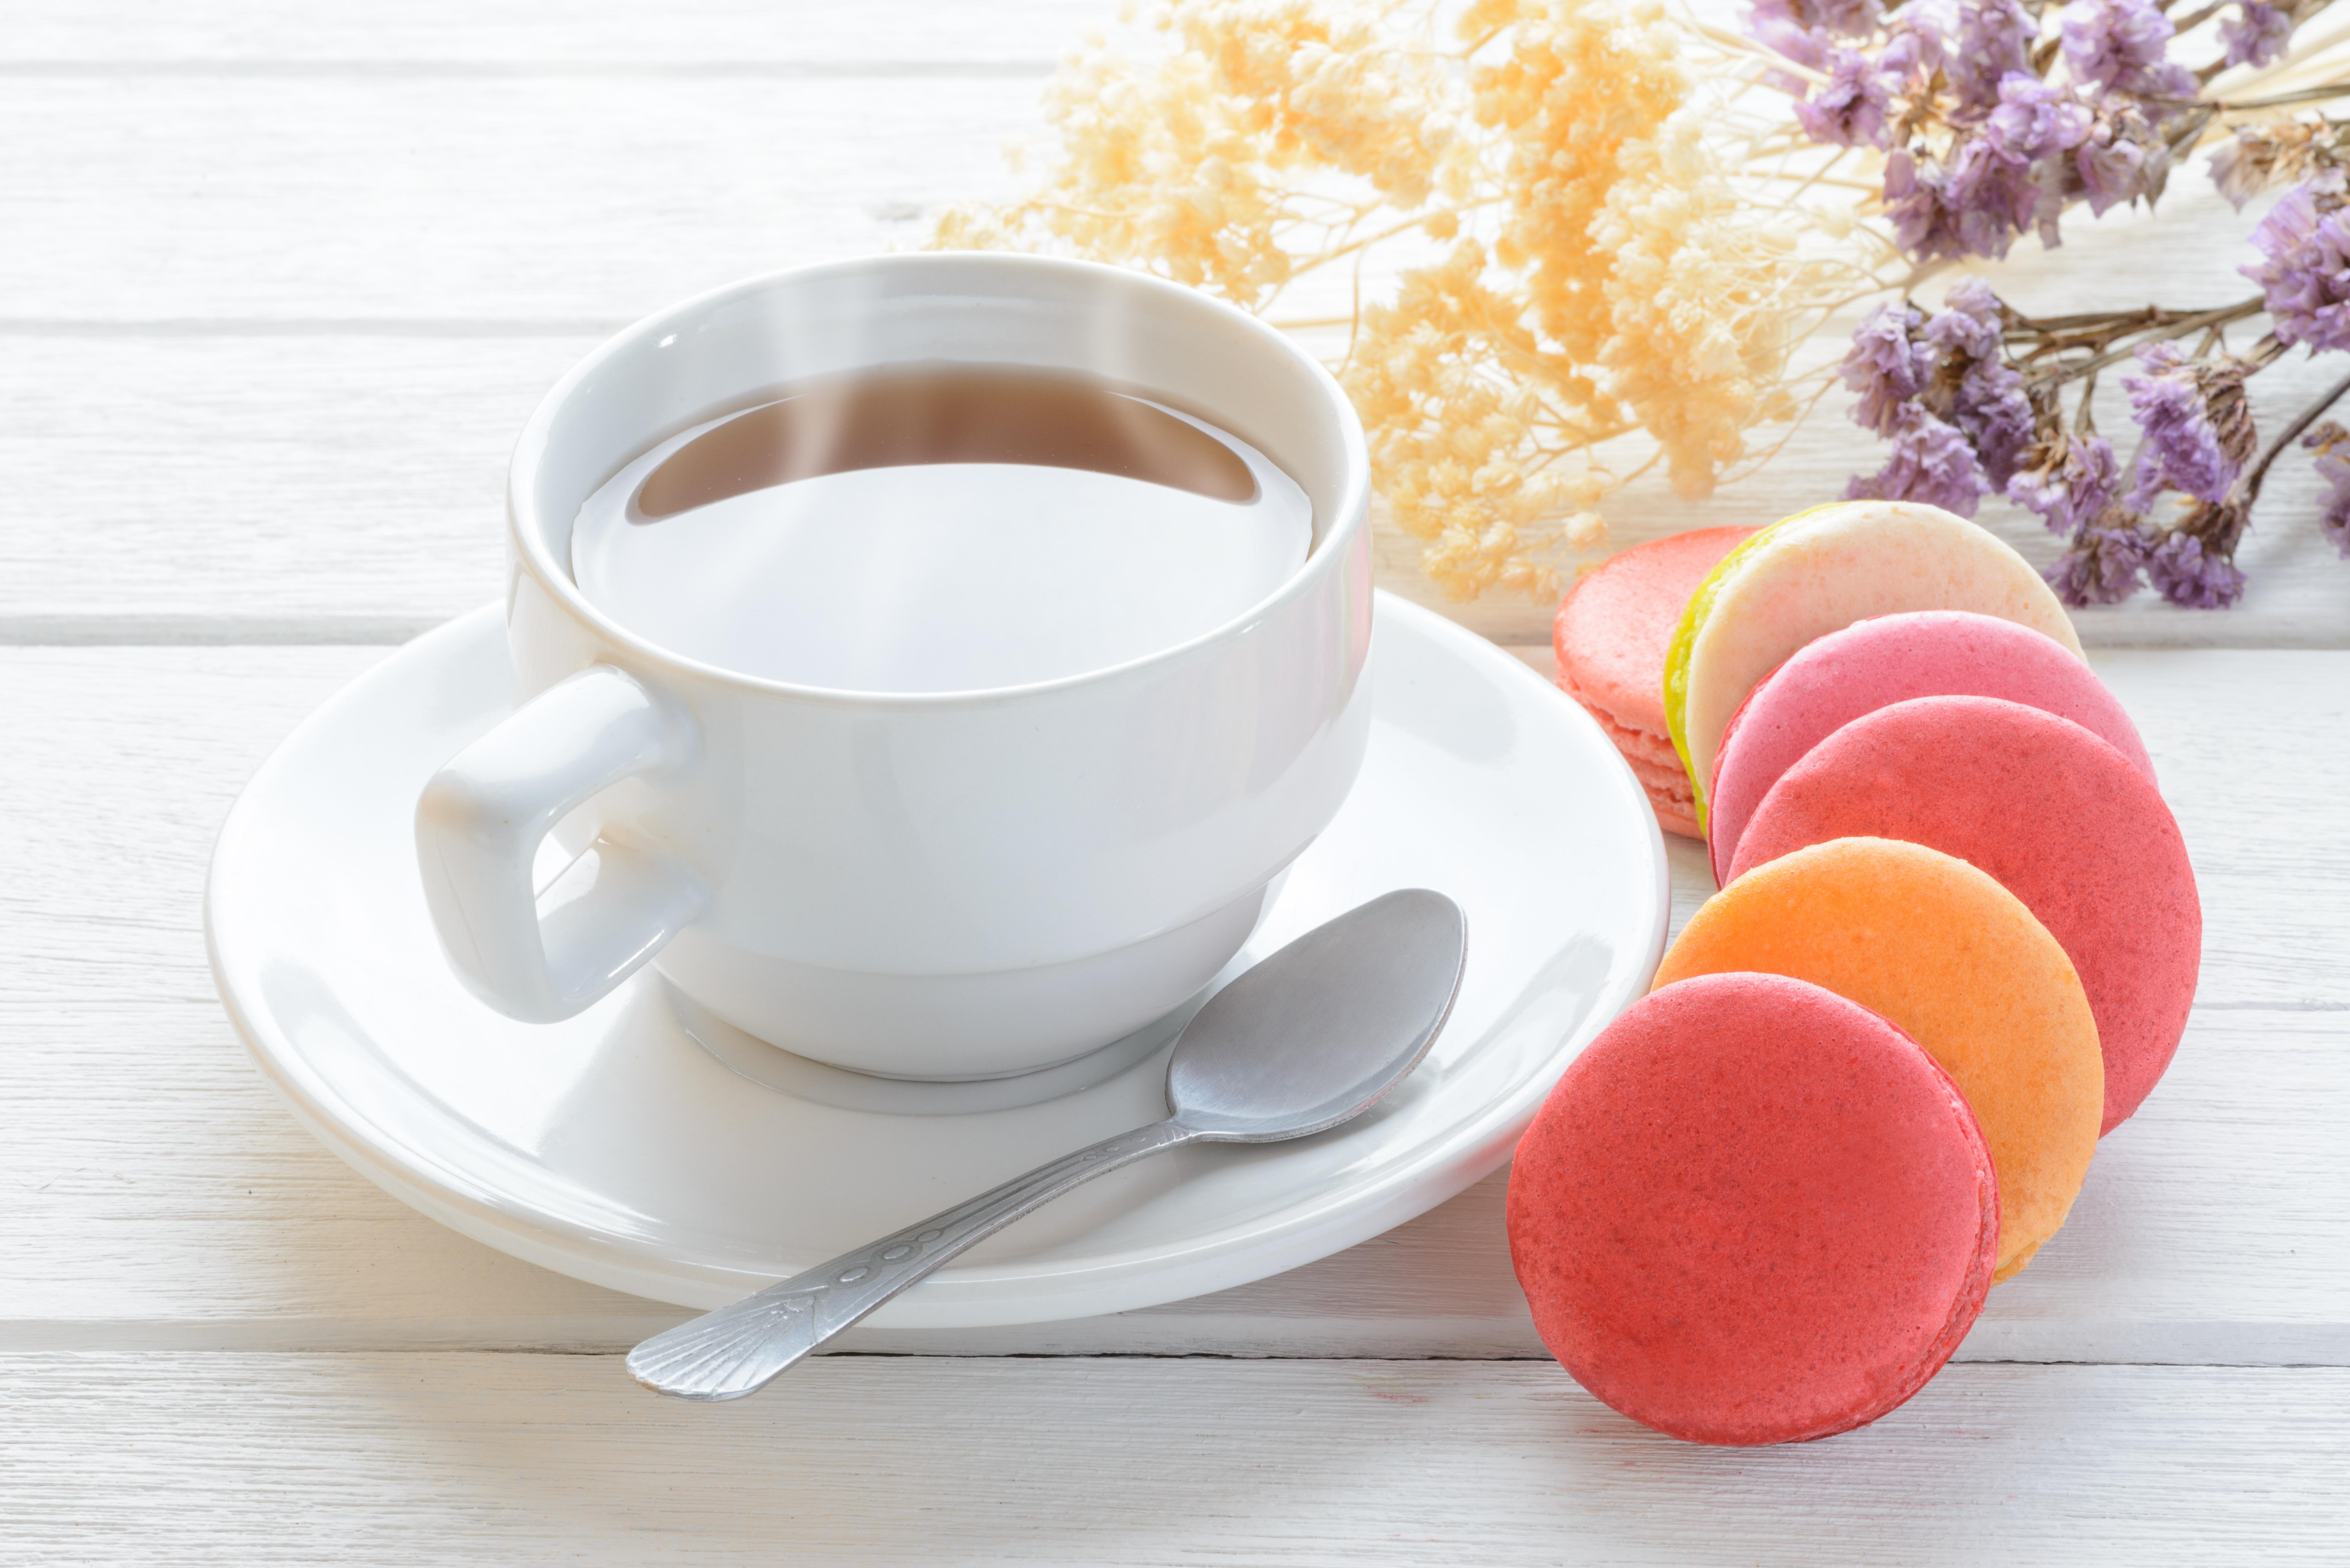 Картинка чашка чая с пирожным